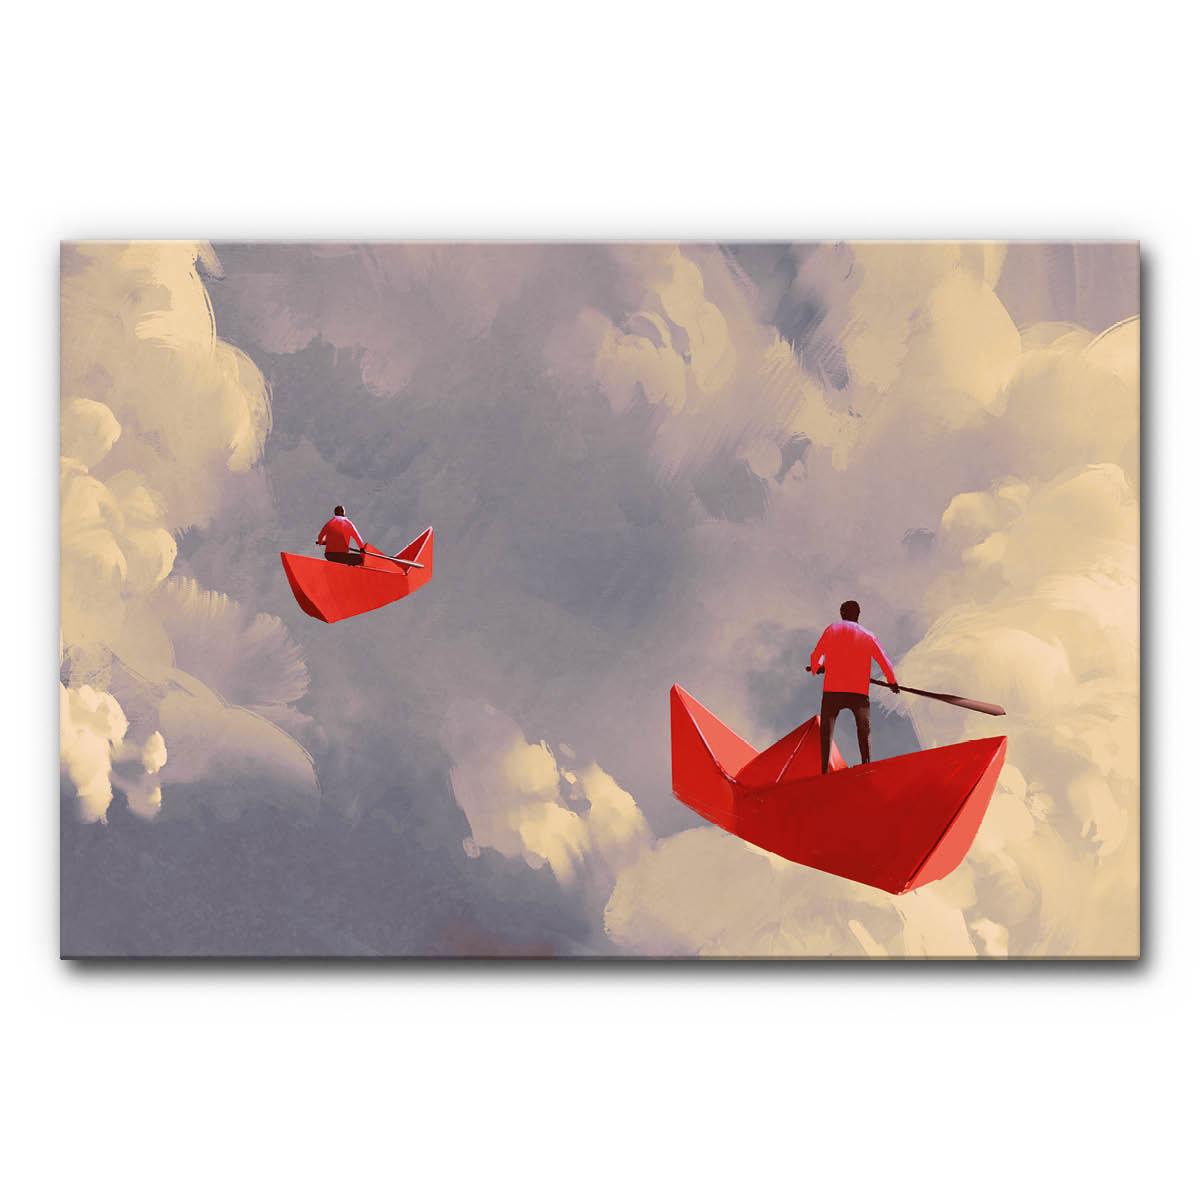 Wandabsorber Design Malerei Digital Art Wolkenschiffer